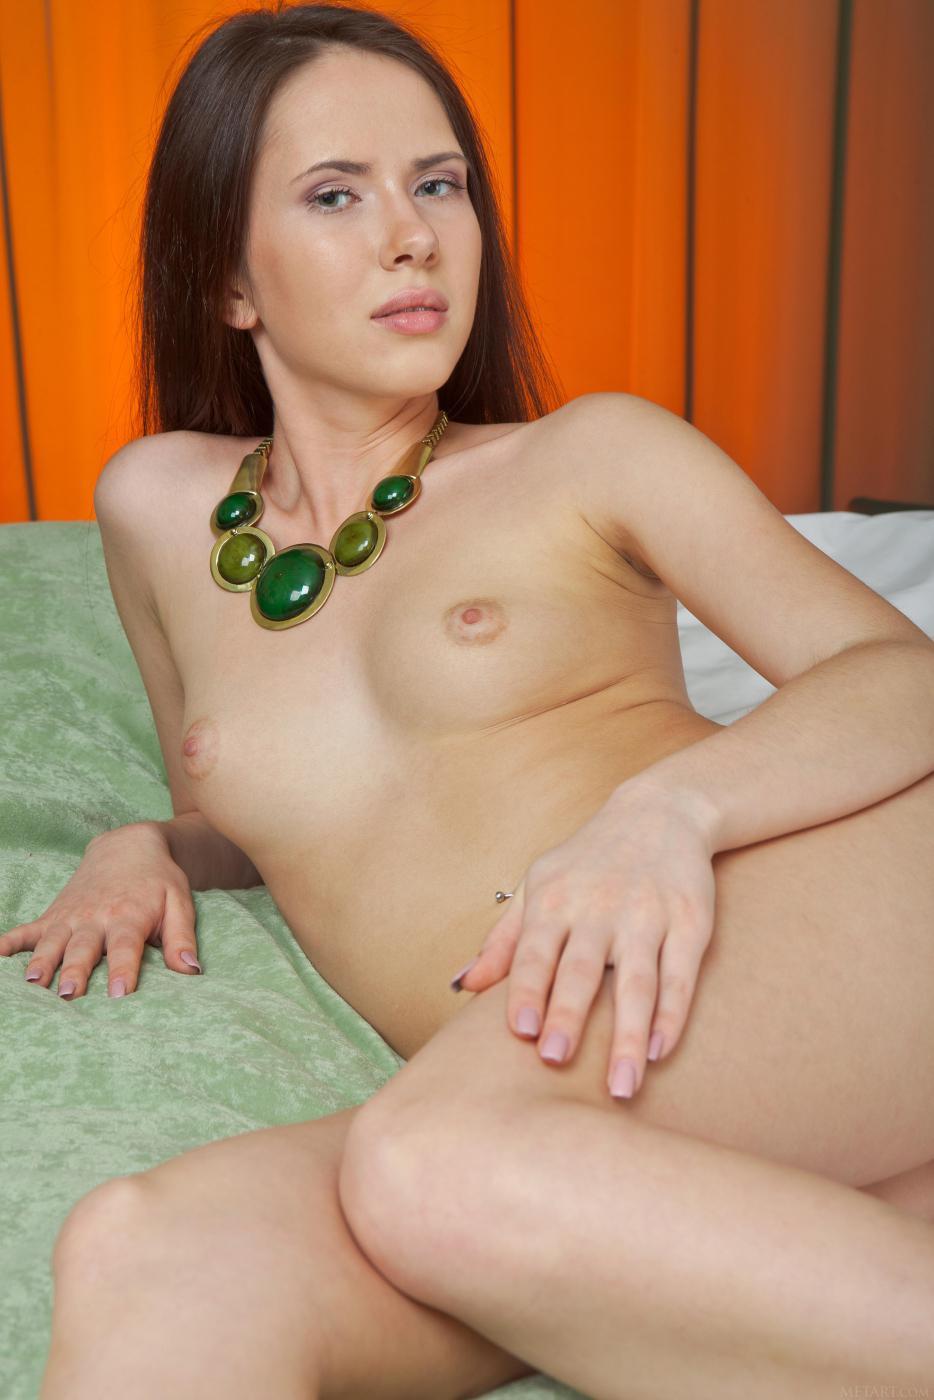 Стройная детка Margo G поворачивается перед камерой, показывая бритые дырочки и маленькую грудь